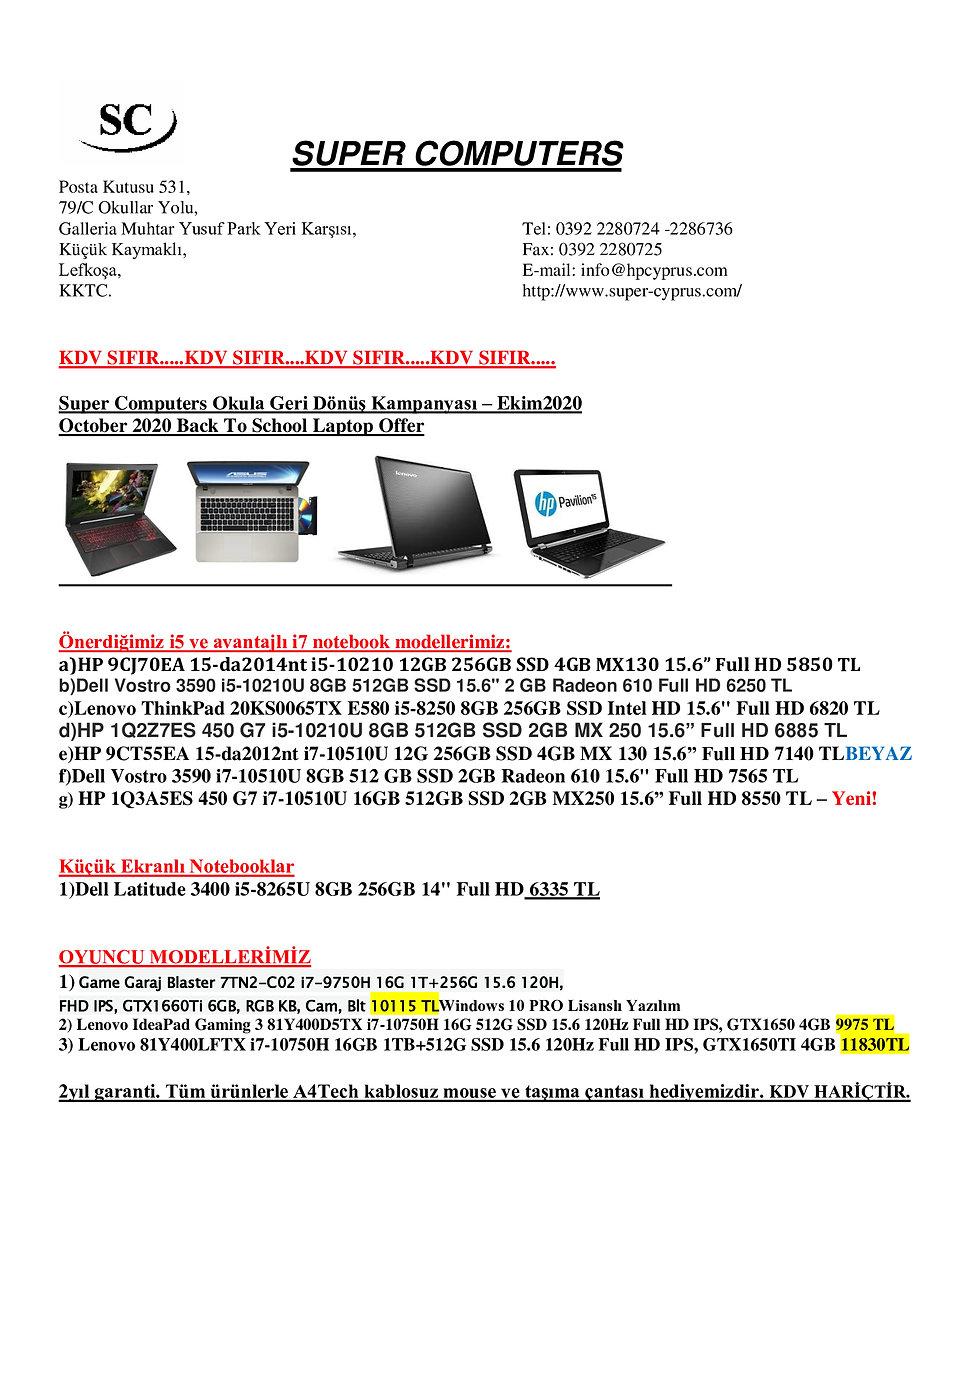 laptopekim280920ensson.jpg